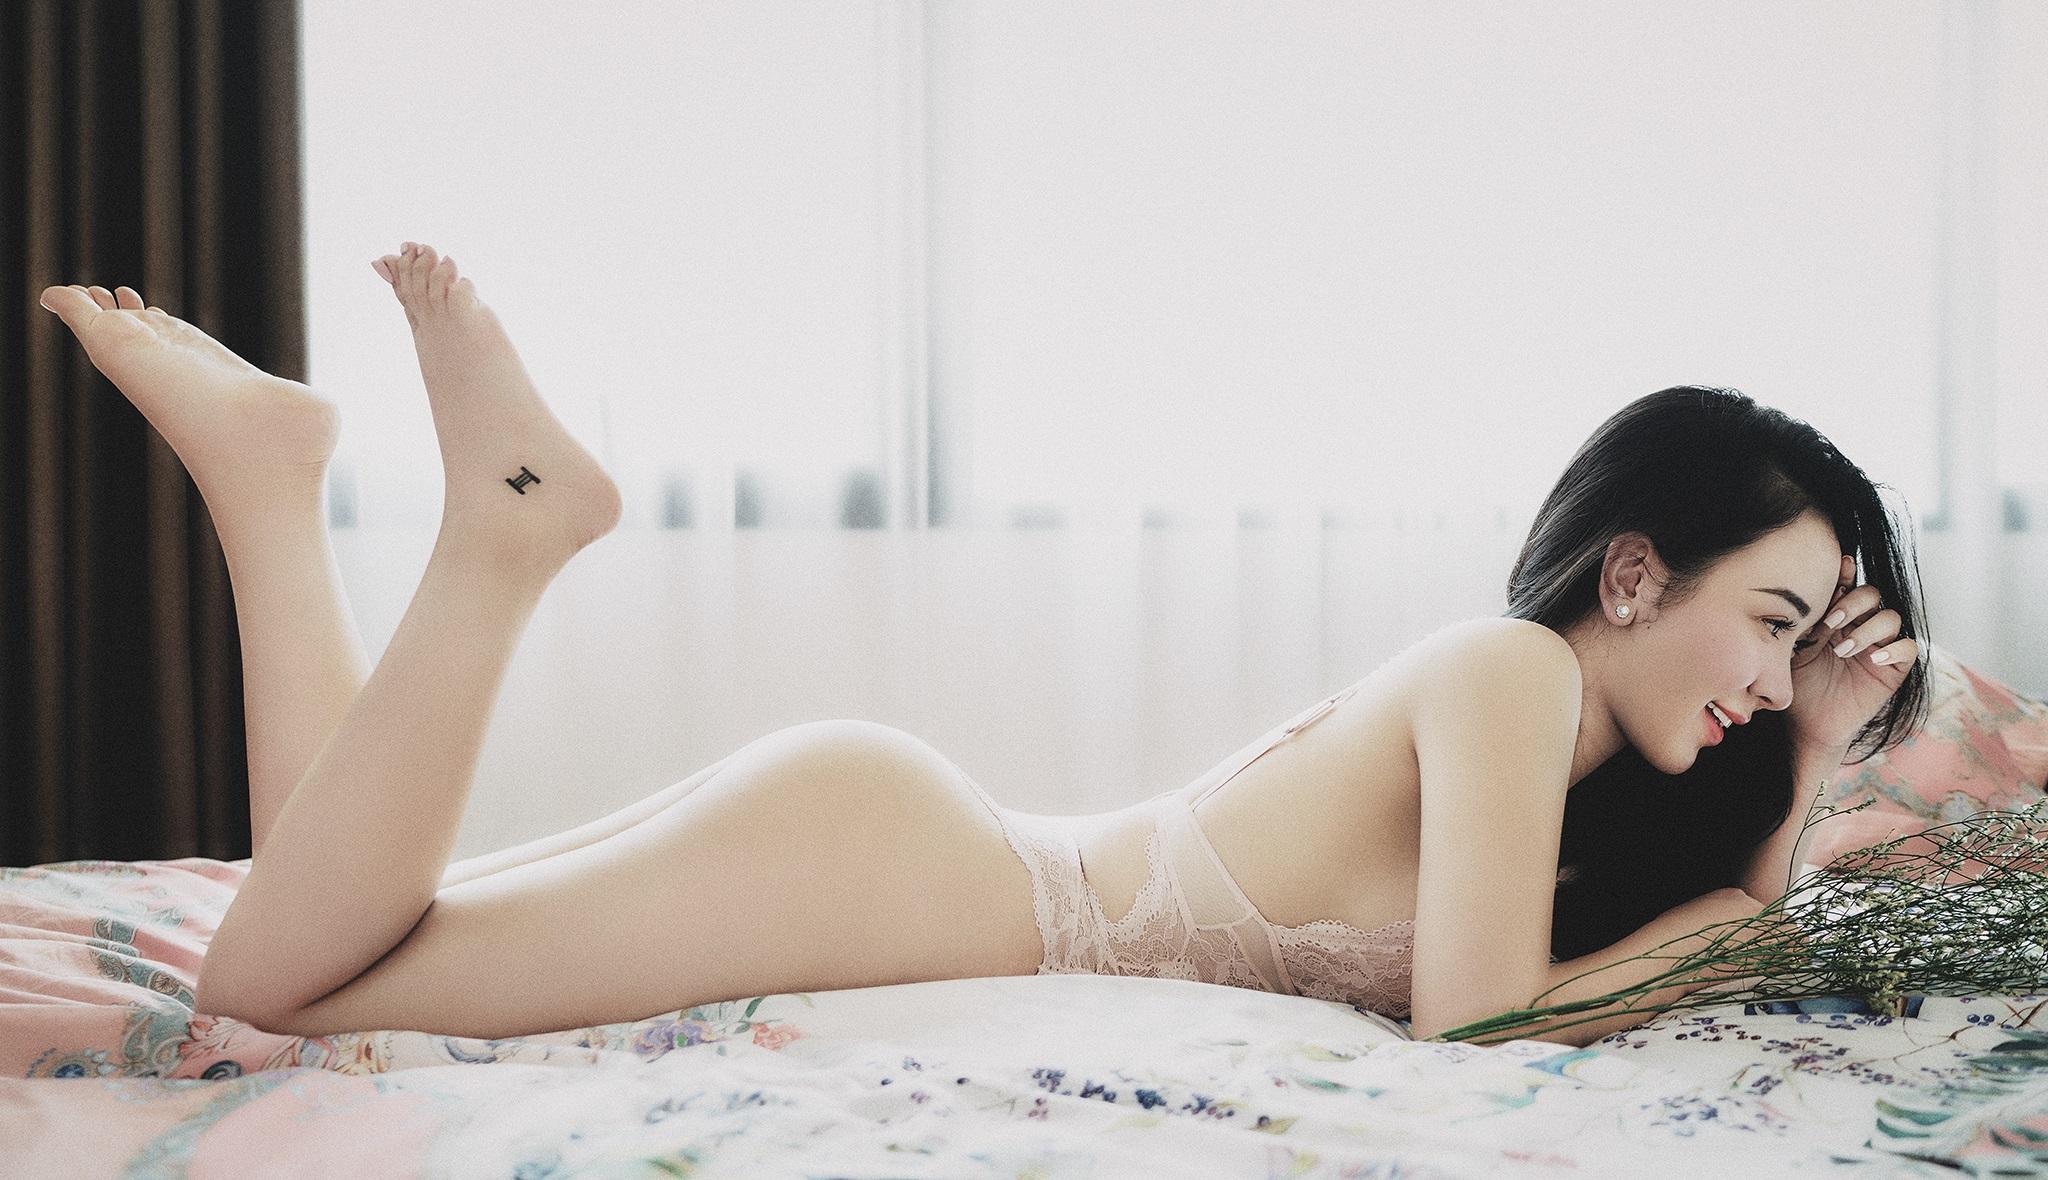 Drunk girlie sex porn